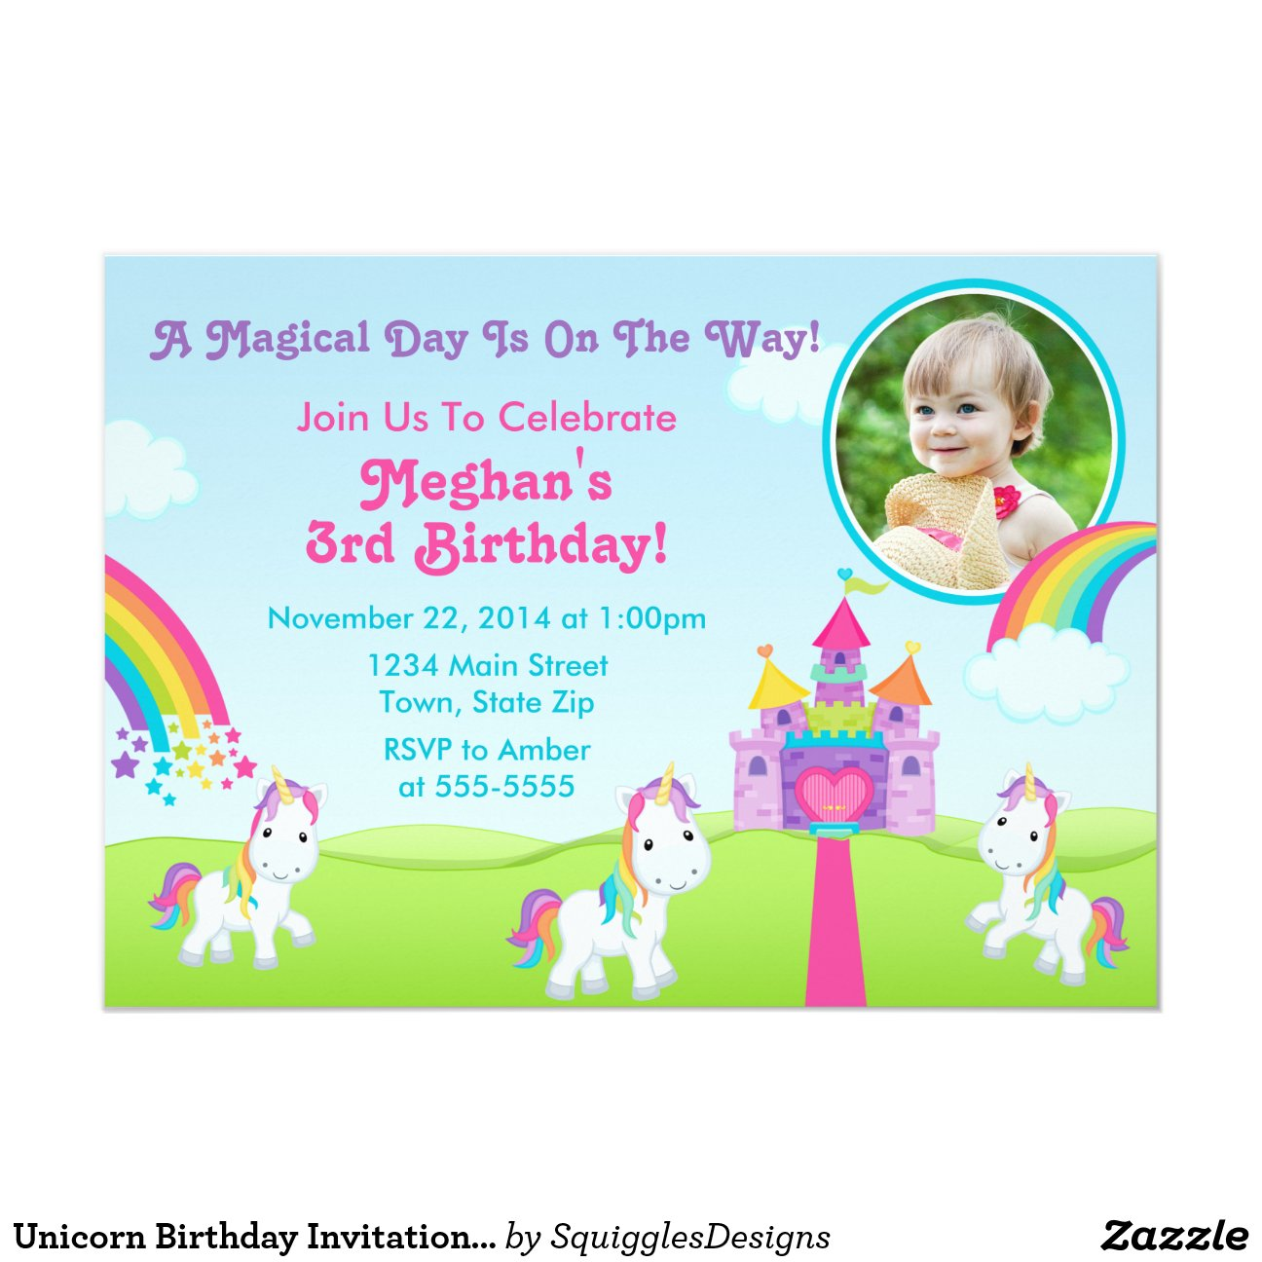 Unicorn Birthday Invitation for adorable invitations template